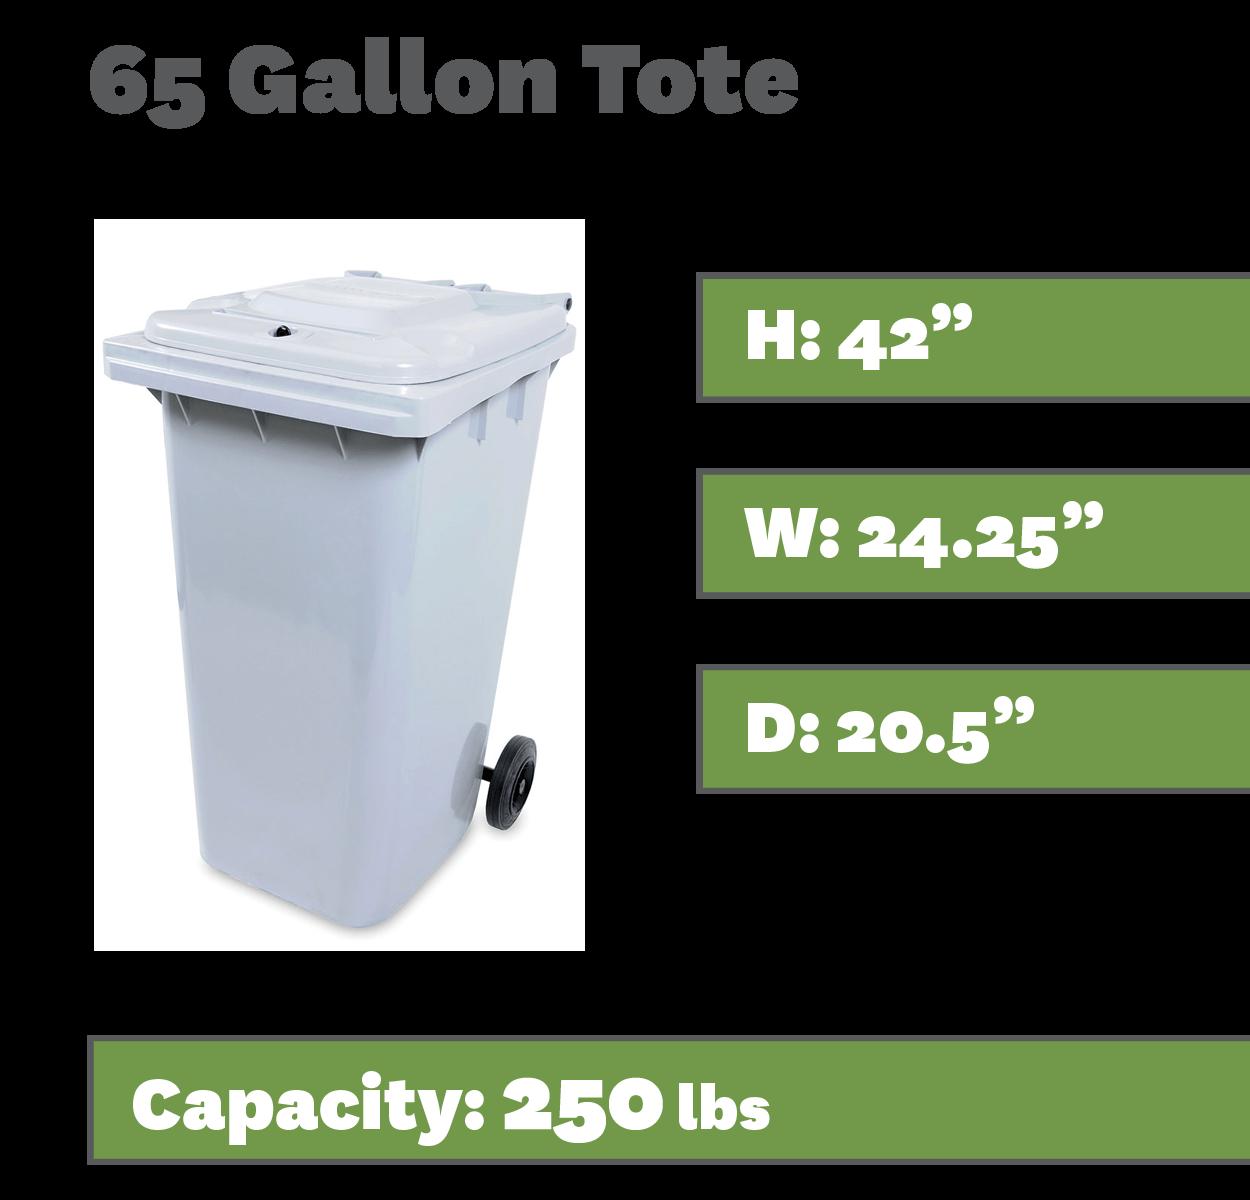 65 Gallon Tote